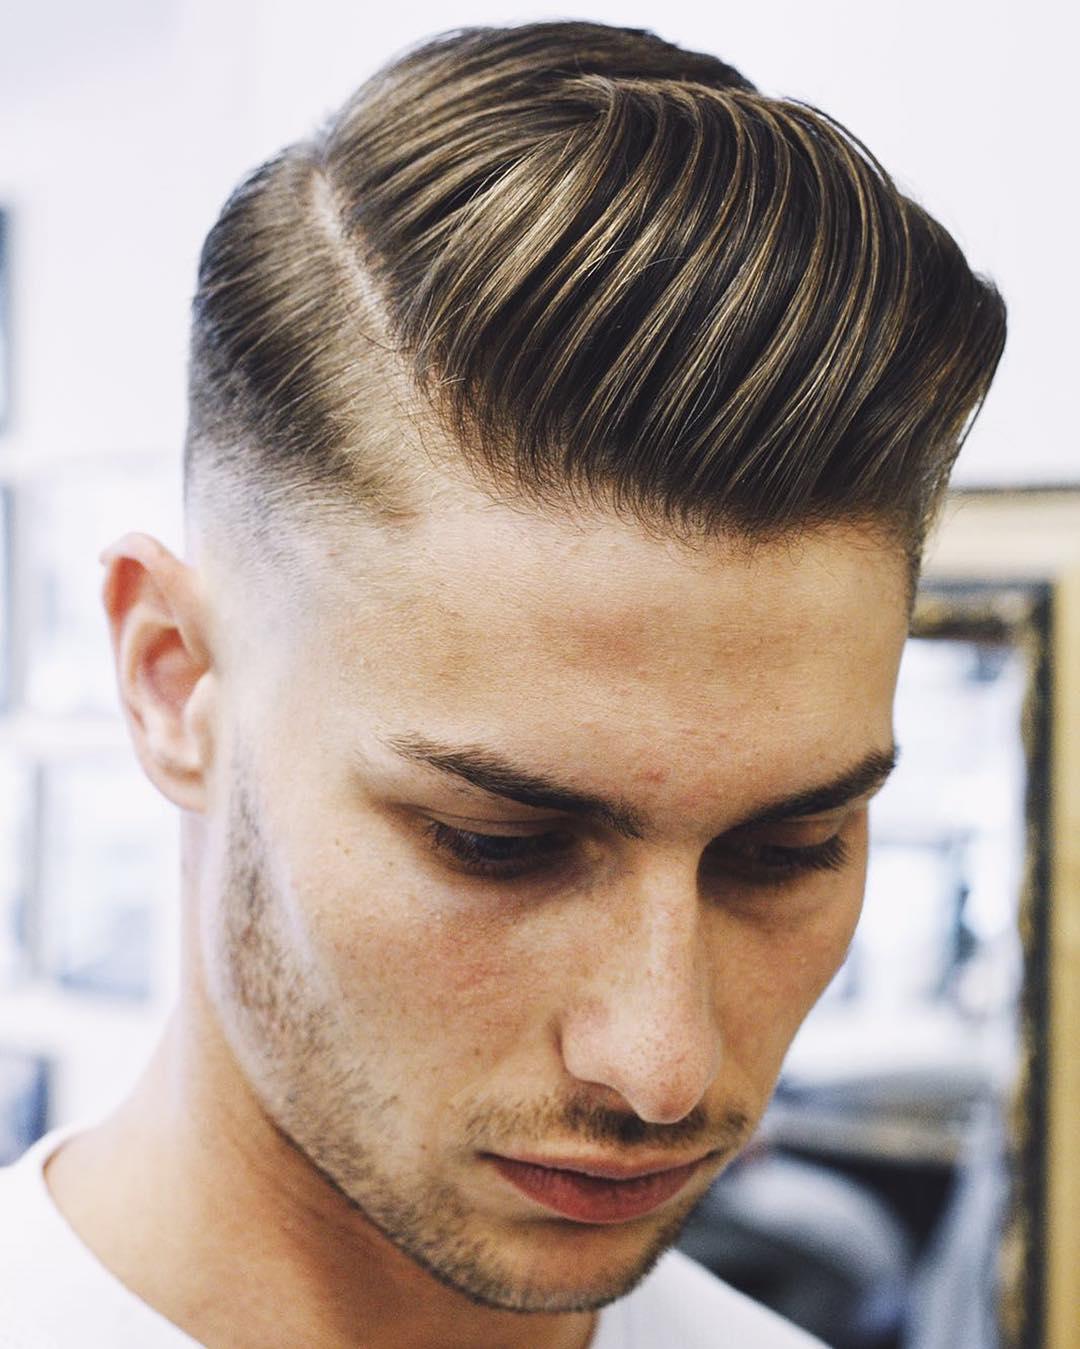 corte-masculino-2017-corte-de-cabelo-masculino-2017-cortes-2017-cabelo-2017-penteados-2017-haircut-for-men-2017-hairstyle-2017-grooming-moda-sem-censura-alex-cursino-13